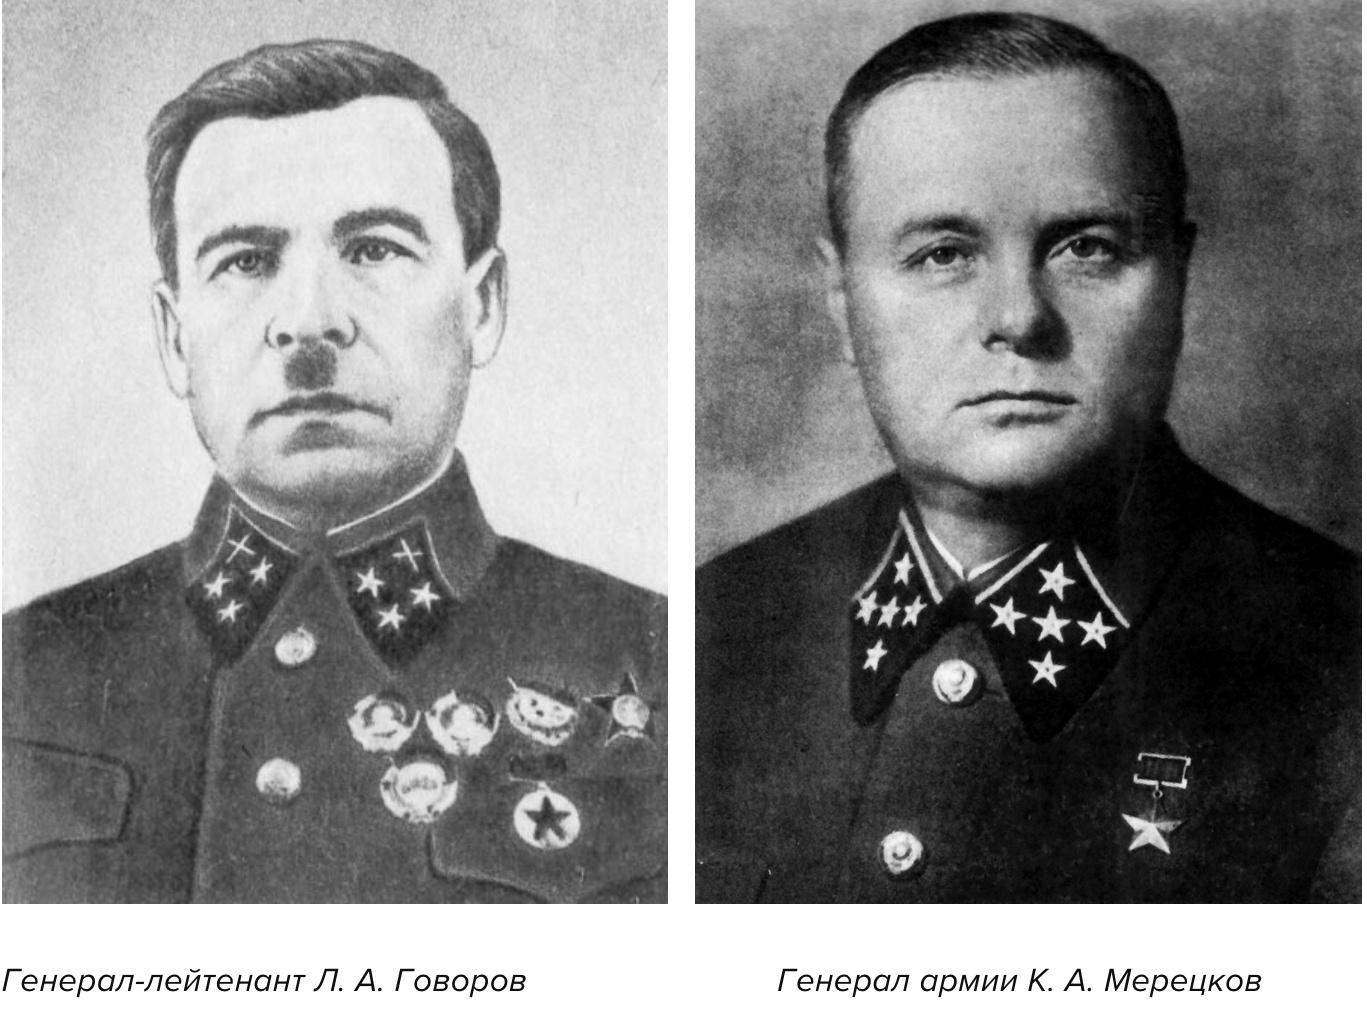 Мерецков Говоров